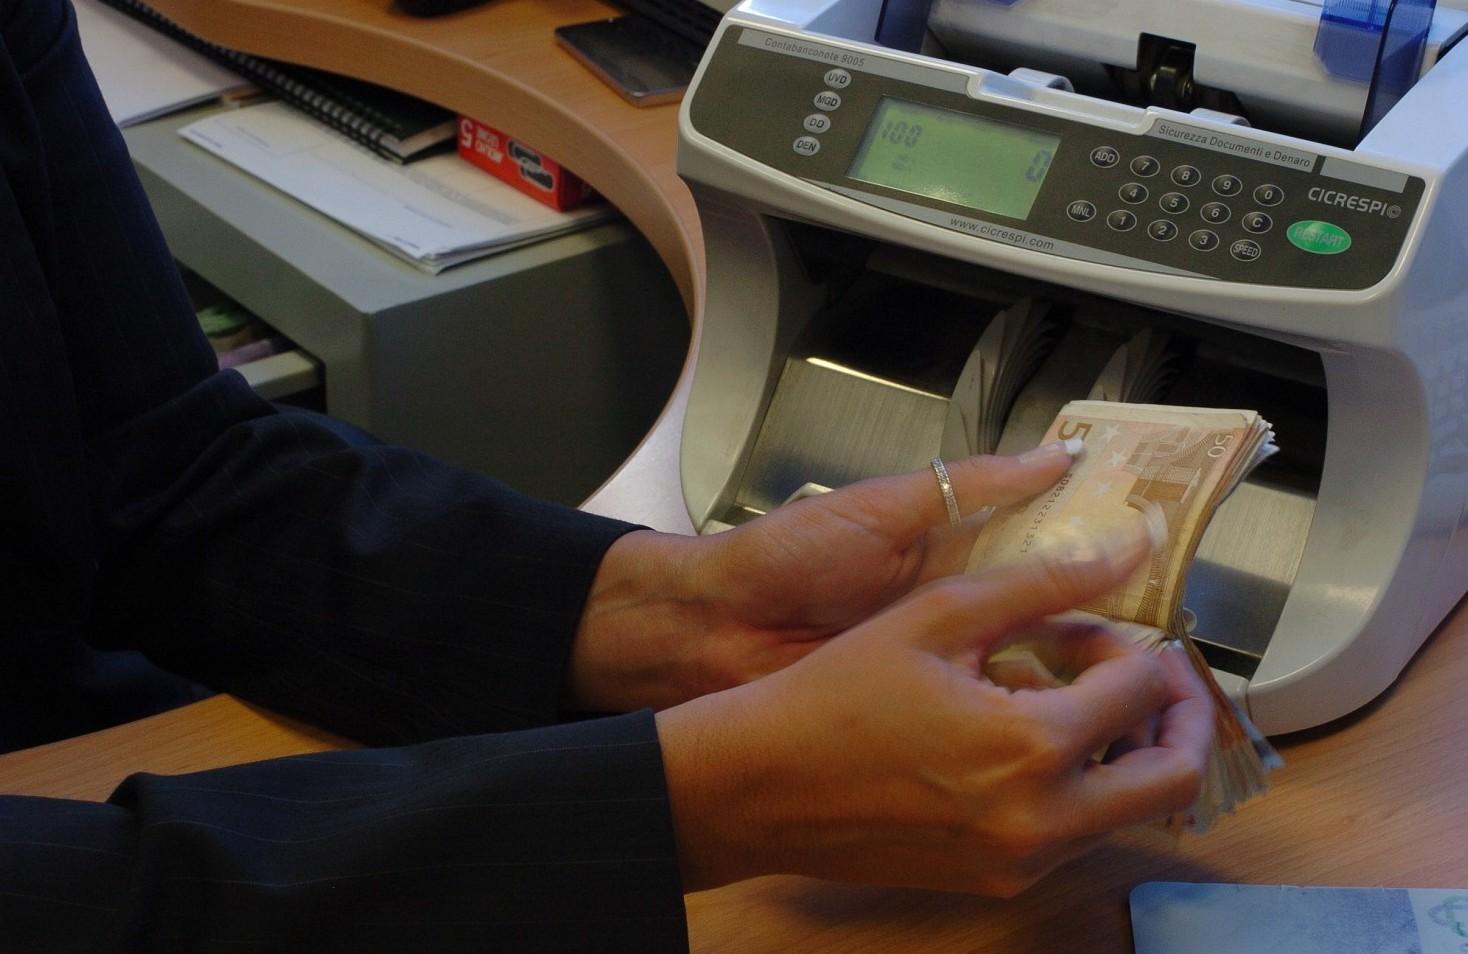 Contratto bancario stipendi, livelli, ferie, permessi, malattia, licenziamento, straordinari